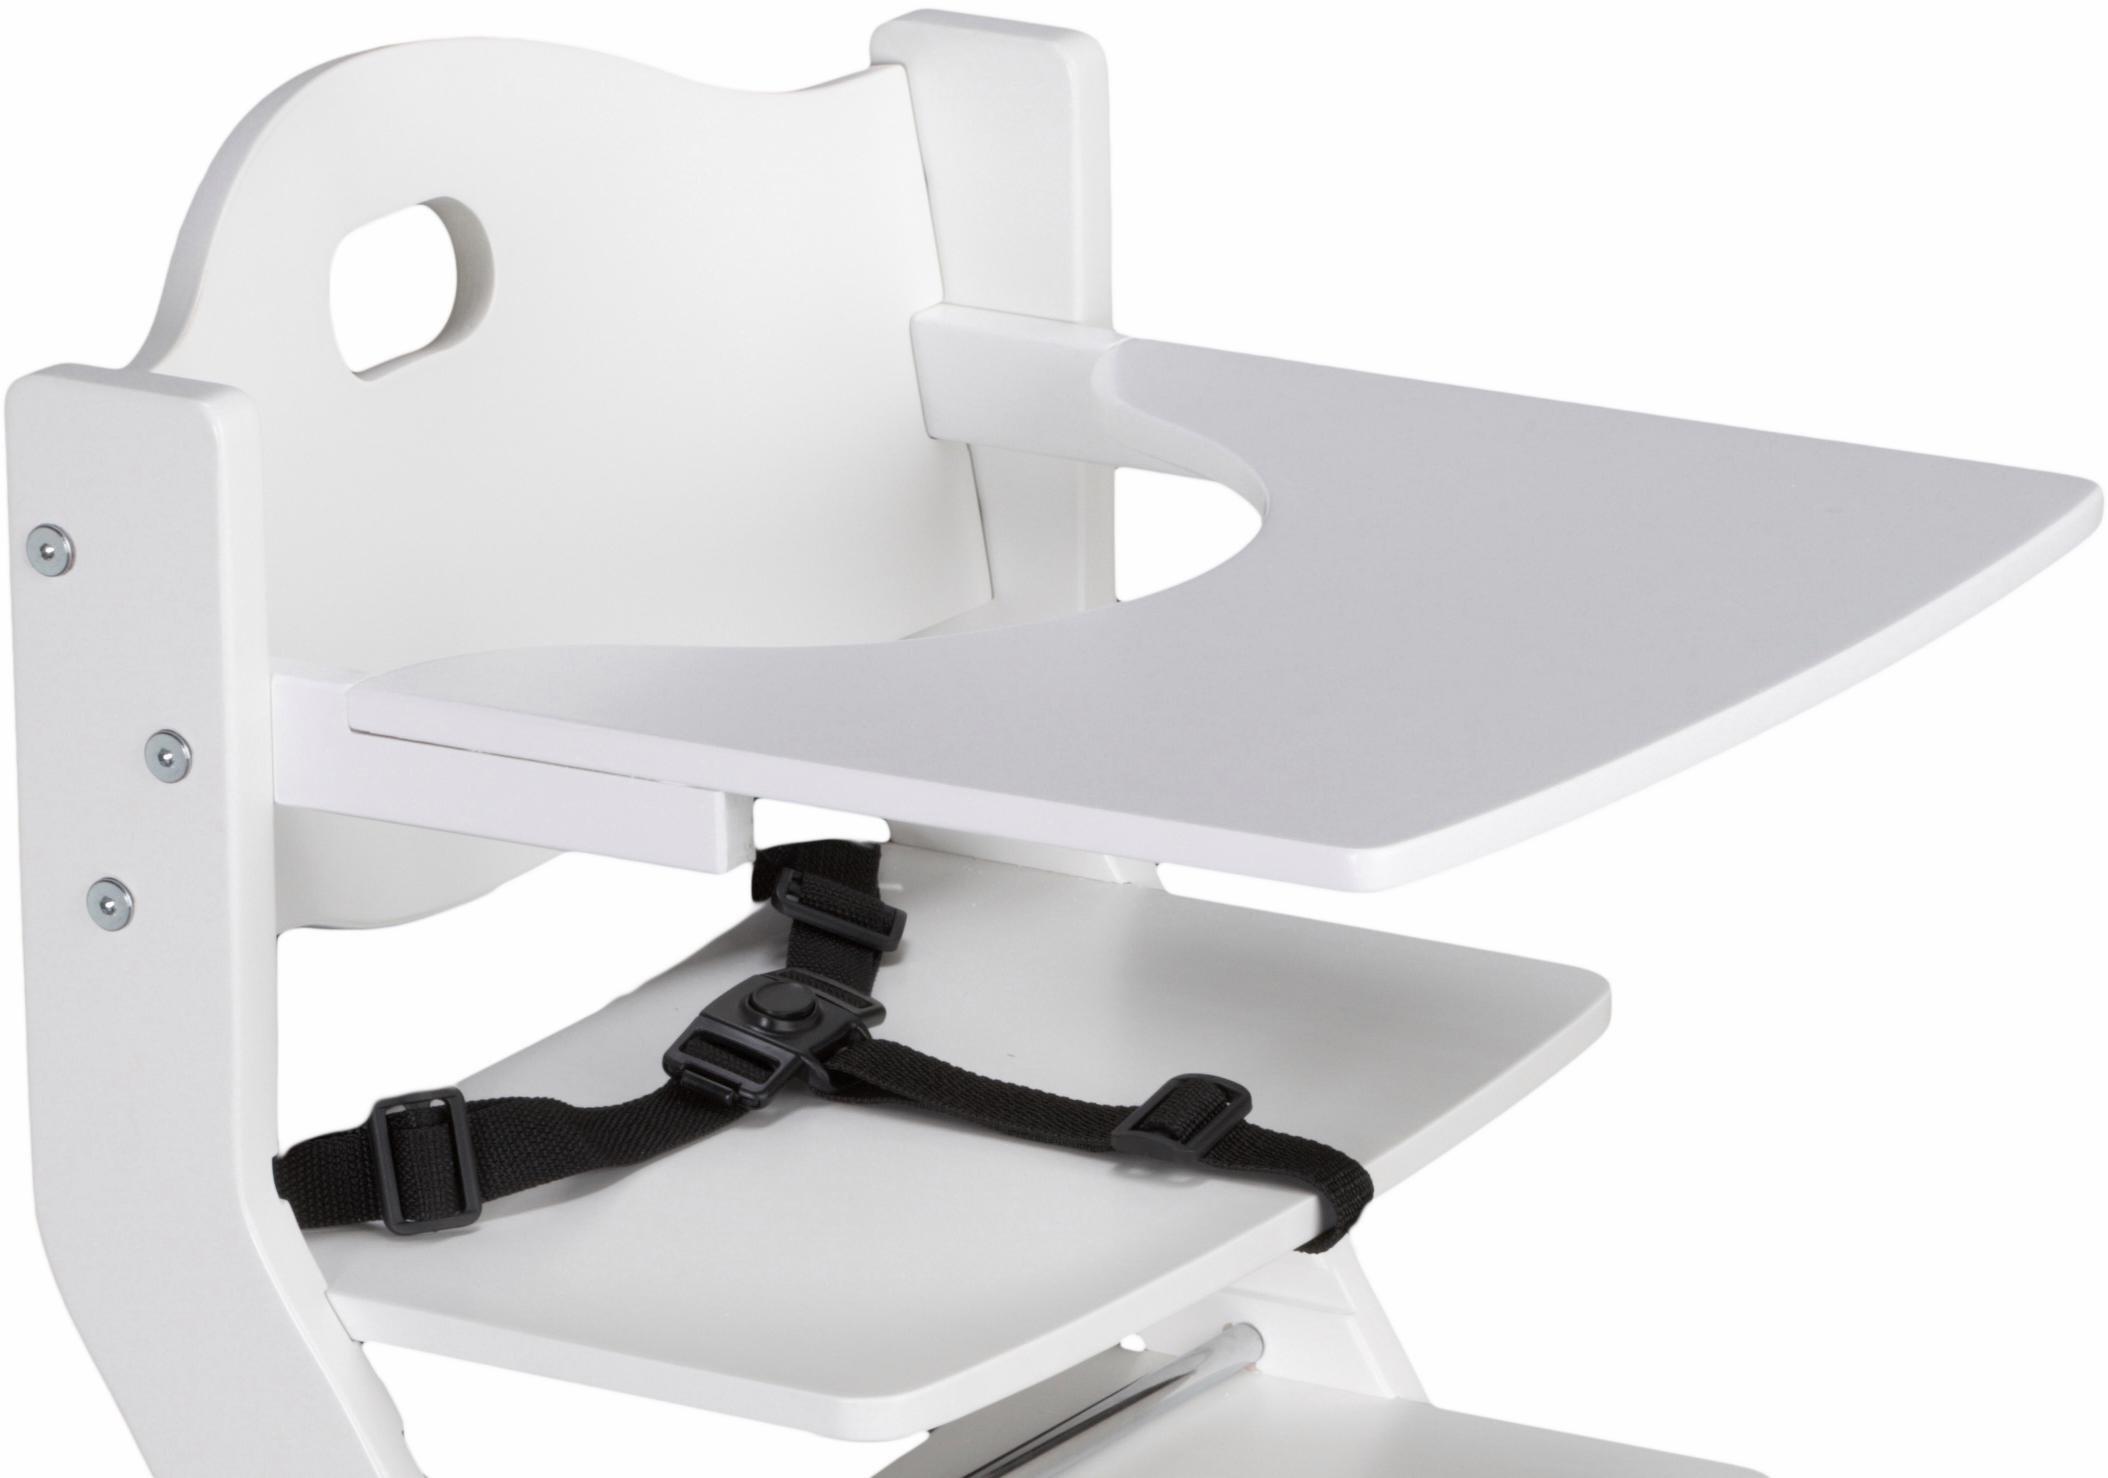 Kinderstoel Wit Hout.Plank Van Hout Voor Kinderstoel Wit